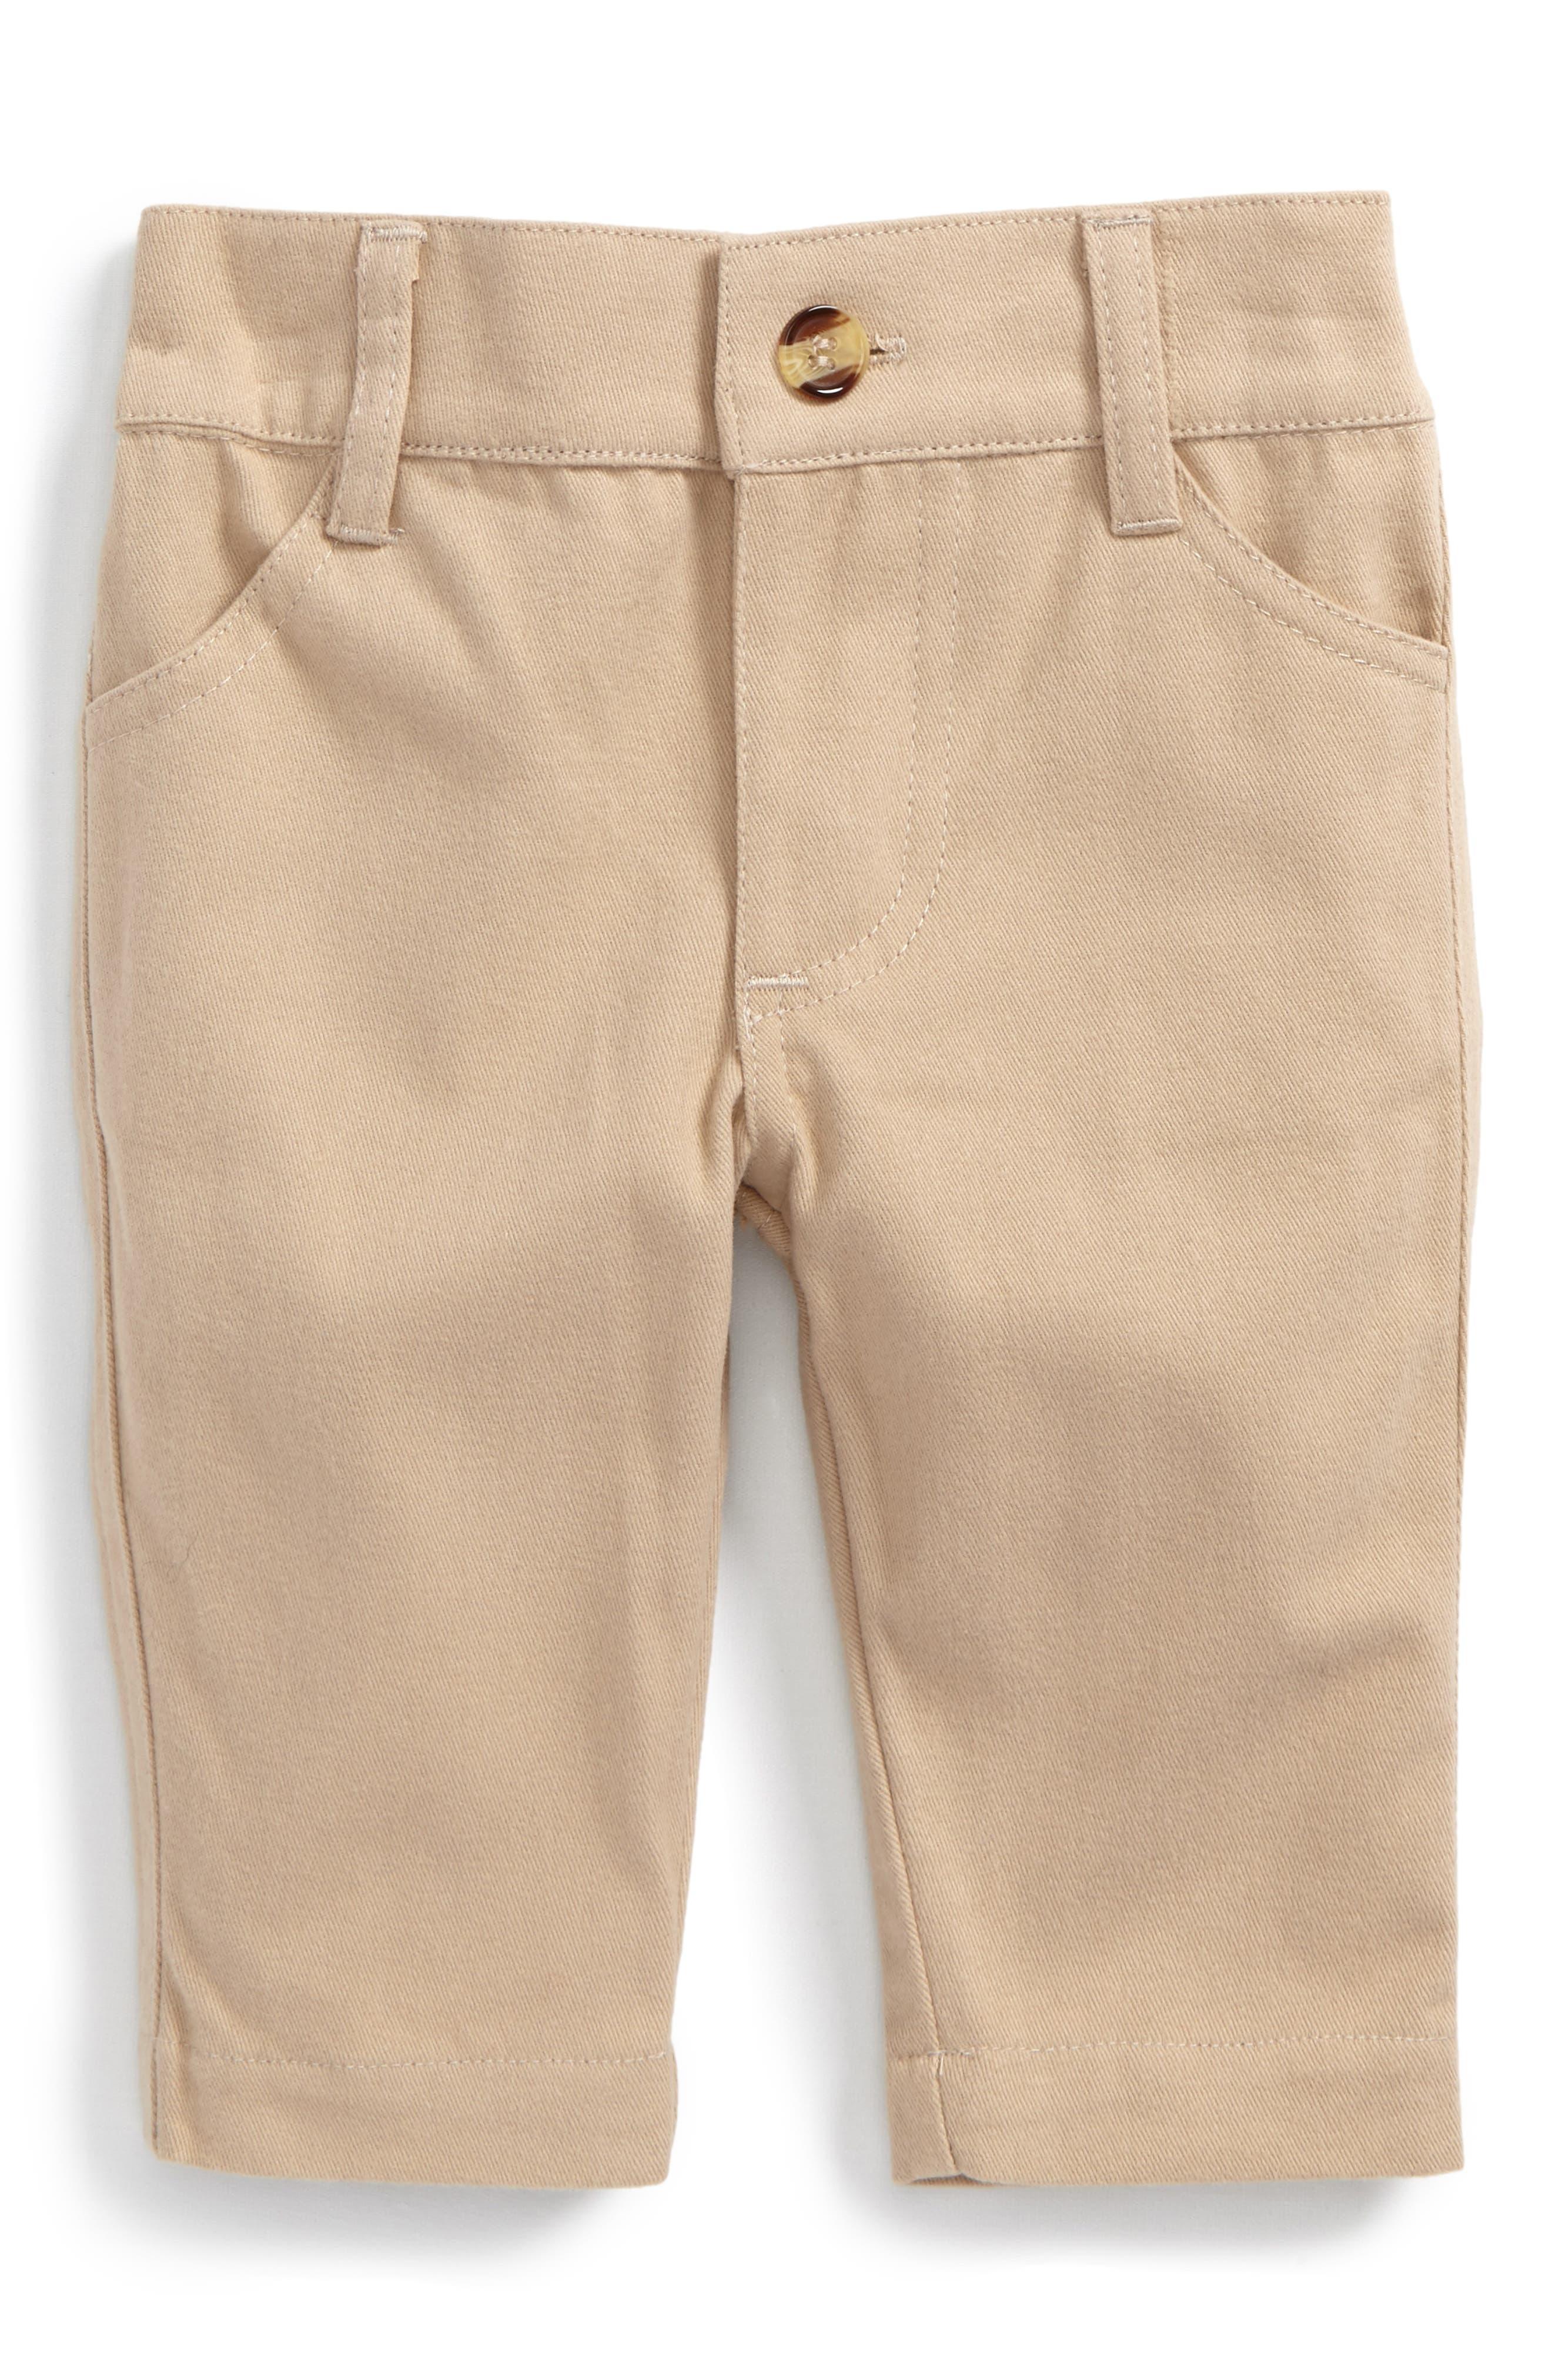 Stretch Cotton Twill Pants,                         Main,                         color, Beige/ Khaki